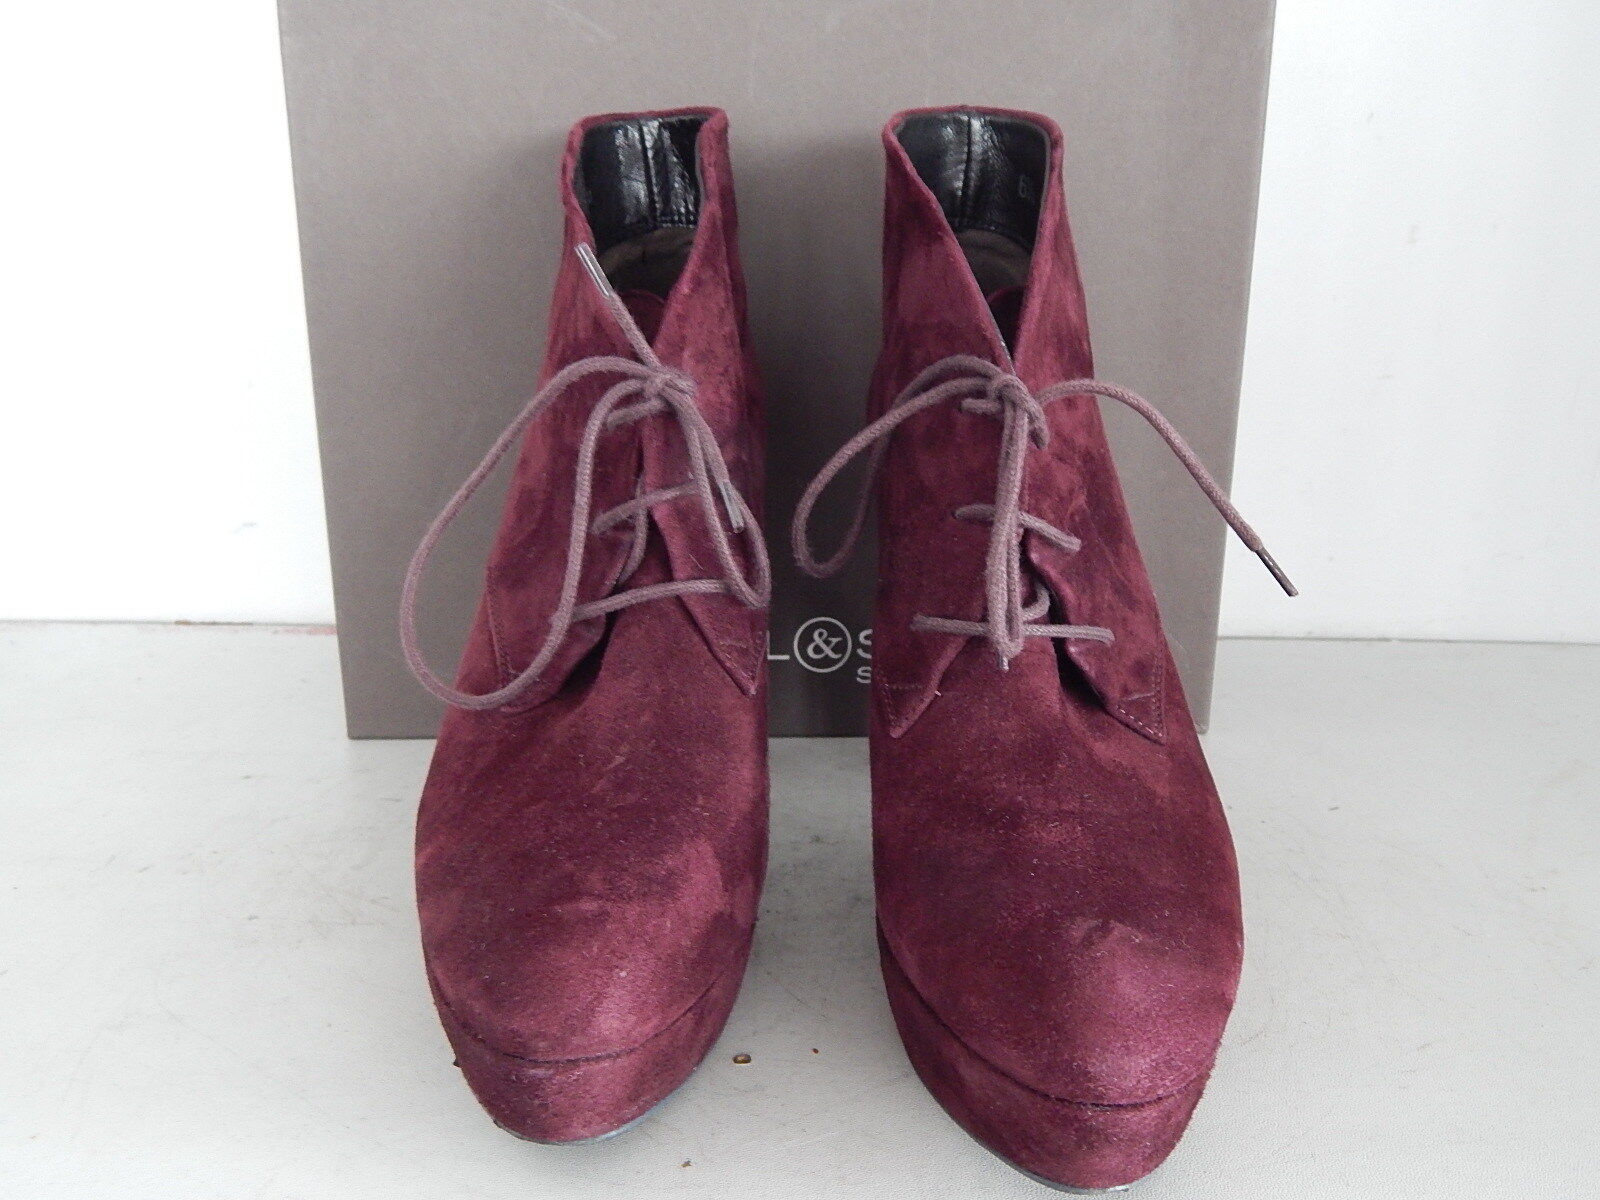 Kennel & Schmenger Bordeaux Stiefeletten Ankle Stiefel Plateau Wildleder Bordeaux Schmenger Gr. 40 86e8a8